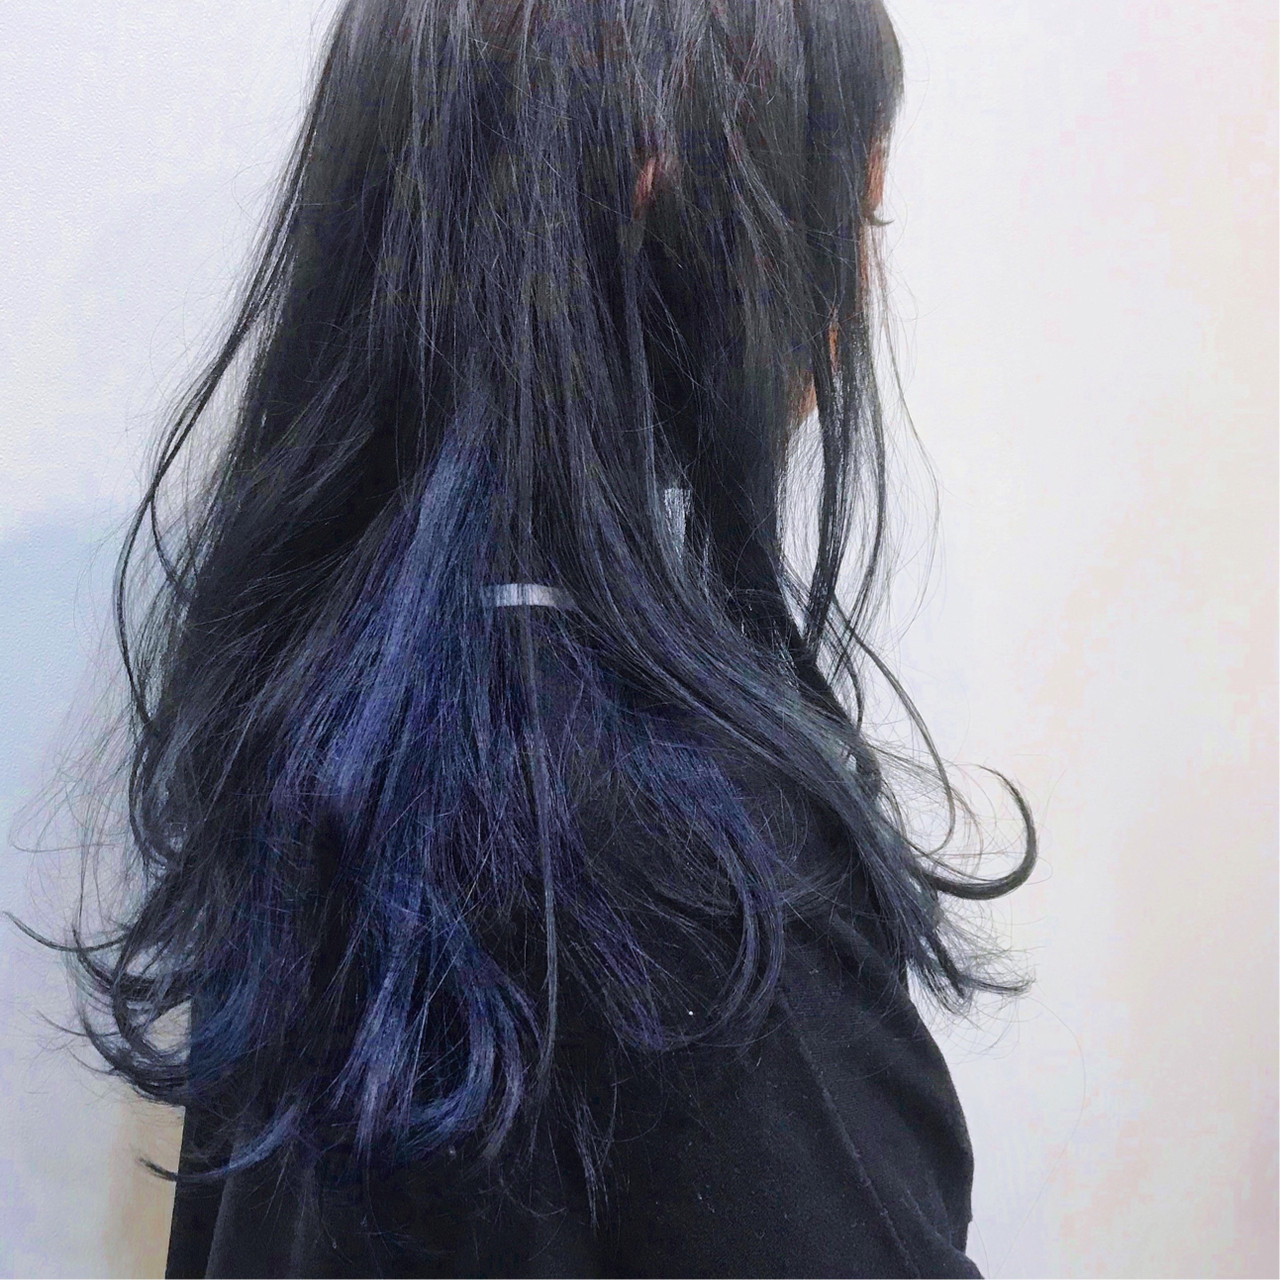 モード セミロング インナーカラー LuexeCreare ヘアスタイルや髪型の写真・画像